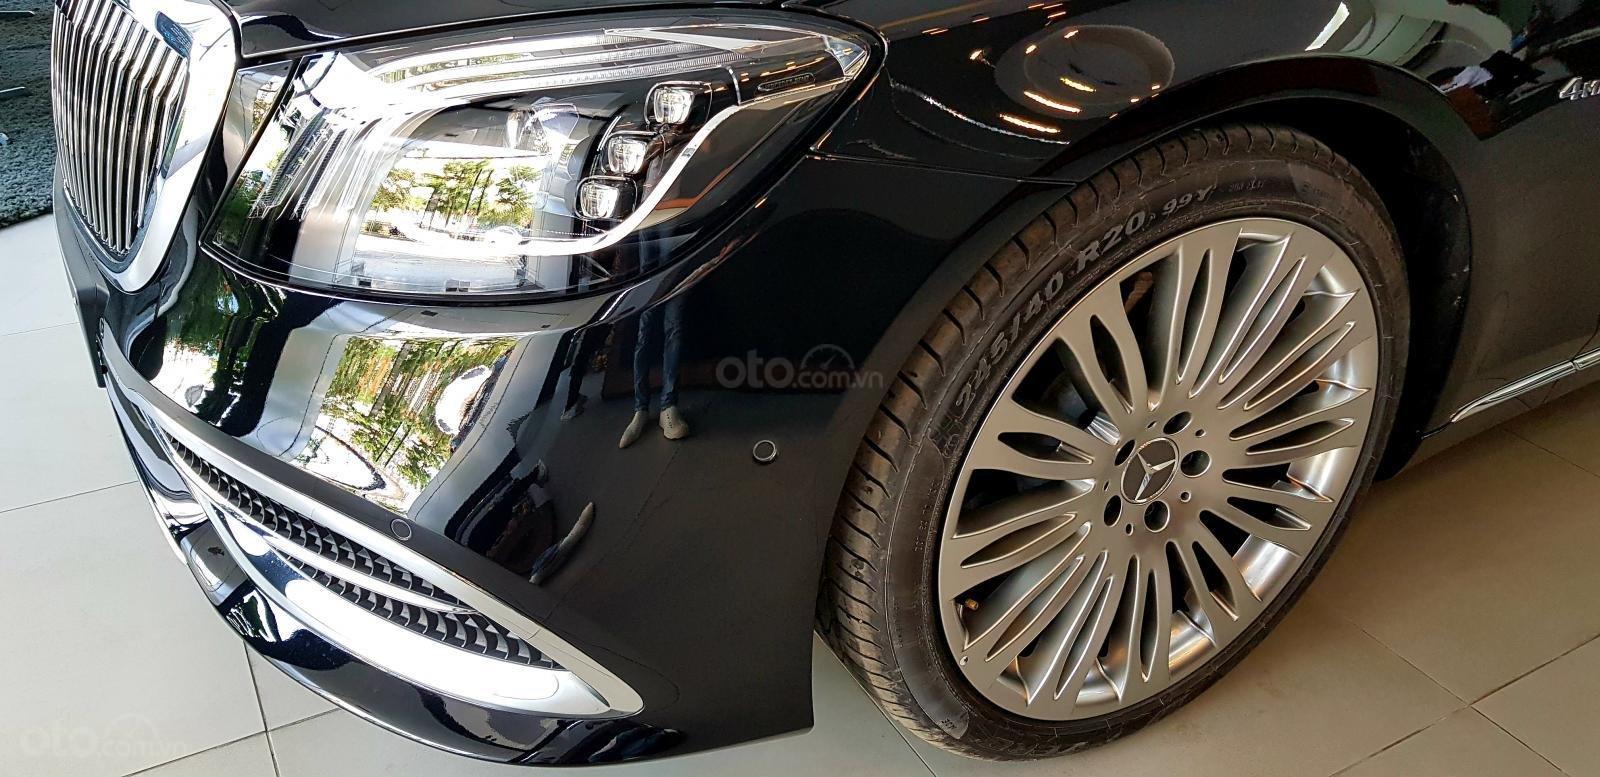 Mercedes-Benz Maybach S450 đời 2019 nhập khẩu, xe giao ngay khuyến mãi lớn, liên hệ 0913332288 (21)